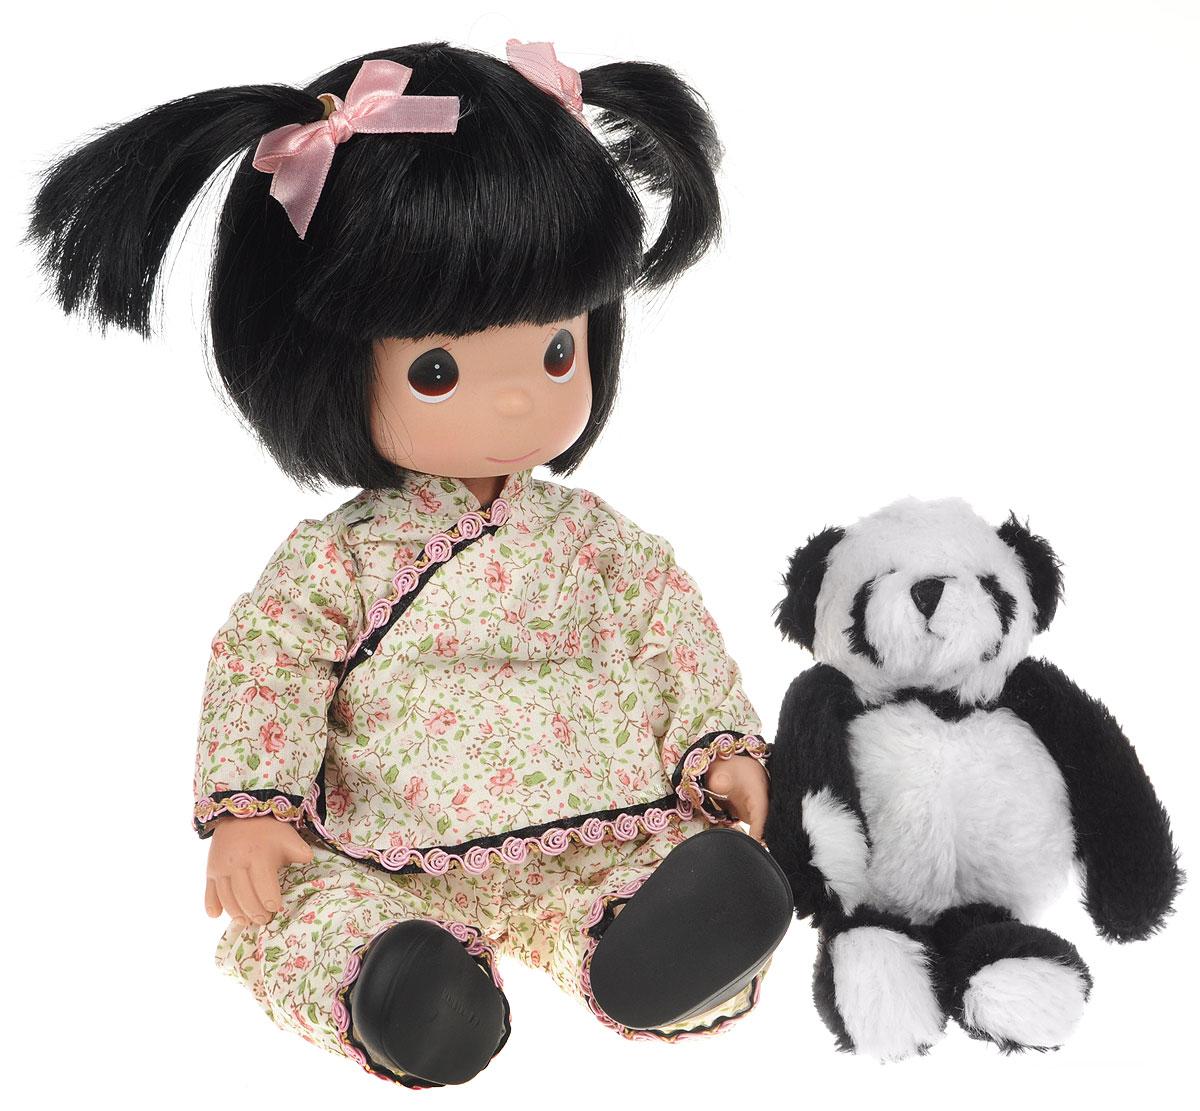 Precious Moments Кукла Мир и гармония4469Коллекция кукол Precious Moments ростом выше 30 см насчитывает на сегодняшний день более 600 видов. Куклы изготавливаются из качественного, безопасного материала и имеют пять базовых точек артикуляции. Каждый год в коллекцию добавляются все новые и новые модели. Каждая кукла имеет свой неповторимый образ и характер. Она может быть подарком на память о каком-либо событии в жизни. Куклы выполнены с любовью и нежностью, которую дарит нам известная волшебница - создатель кукол Линда Рик! Коллекционная кукла Мир и гармония с темными волосами одета в нарядное кимоно с цветочным узором. Волосы завязаны в две косички с помощью розовых атласных лент. У куклы милое личико с большими голубыми глазами. Вся одежда съемная. В комплекте с куклой идет ее игрушка - большая пушистая панда. Вашей дочурке непременно понравится расчесывать волосы куклы, придумывая различные прически. Кукла научит ребенка взаимодействовать с окружающими, а также поспособствует развитию воображения,...